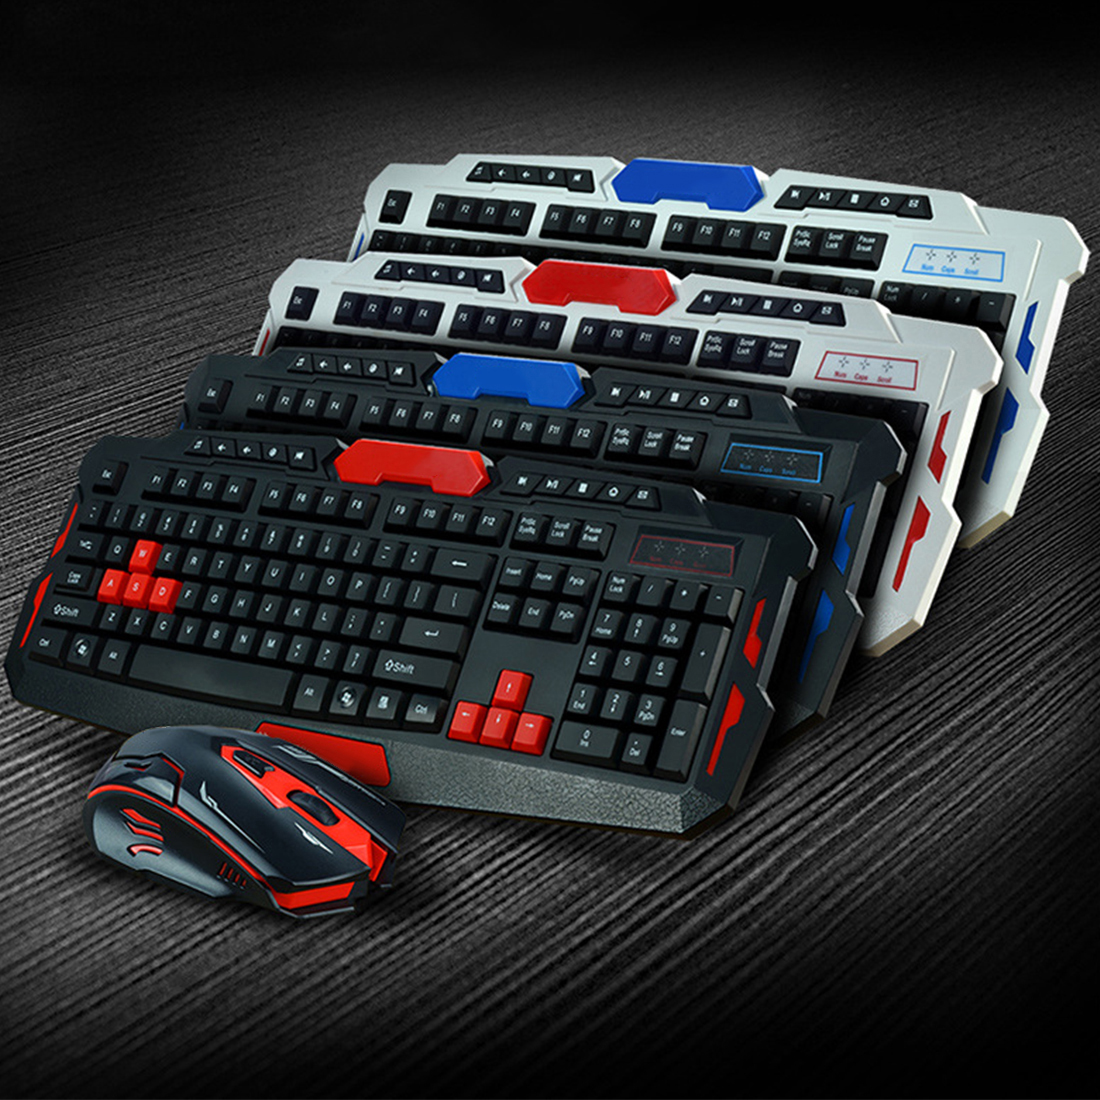 2,4 ГГц Беспроводная игровая клавиатура мышь комбо 19 клавиш анти-ореолы Регулируемая 1600 dpi Мышь usb-адаптер для приемника